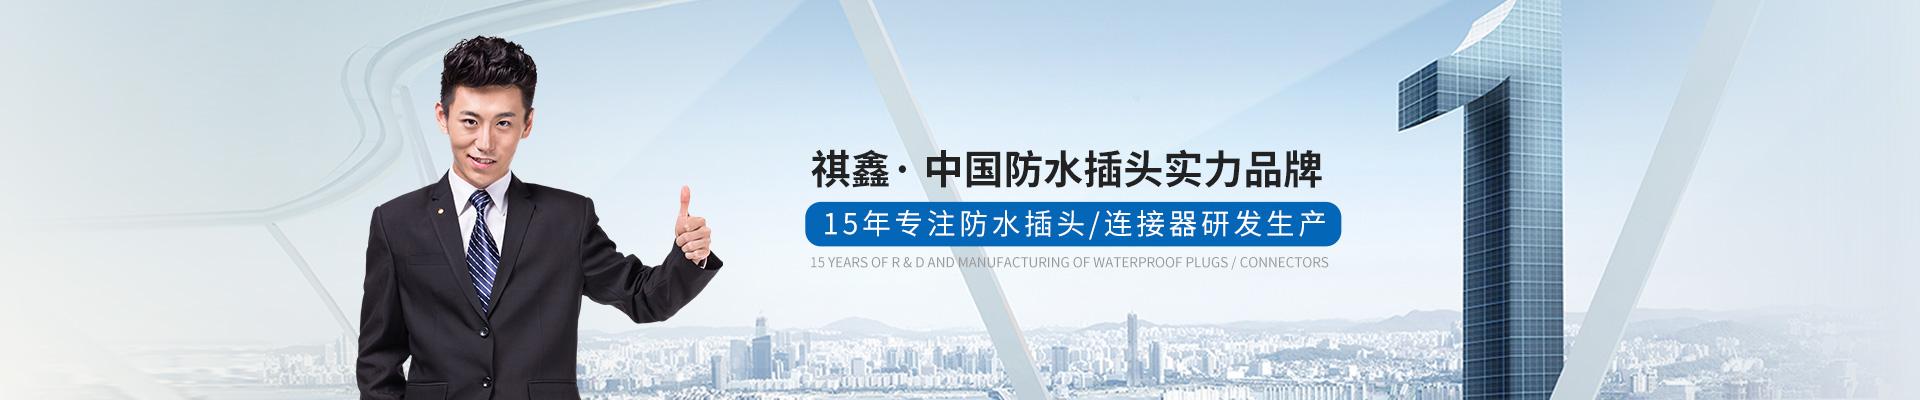 祺鑫防水插-中国防水插头实力品牌